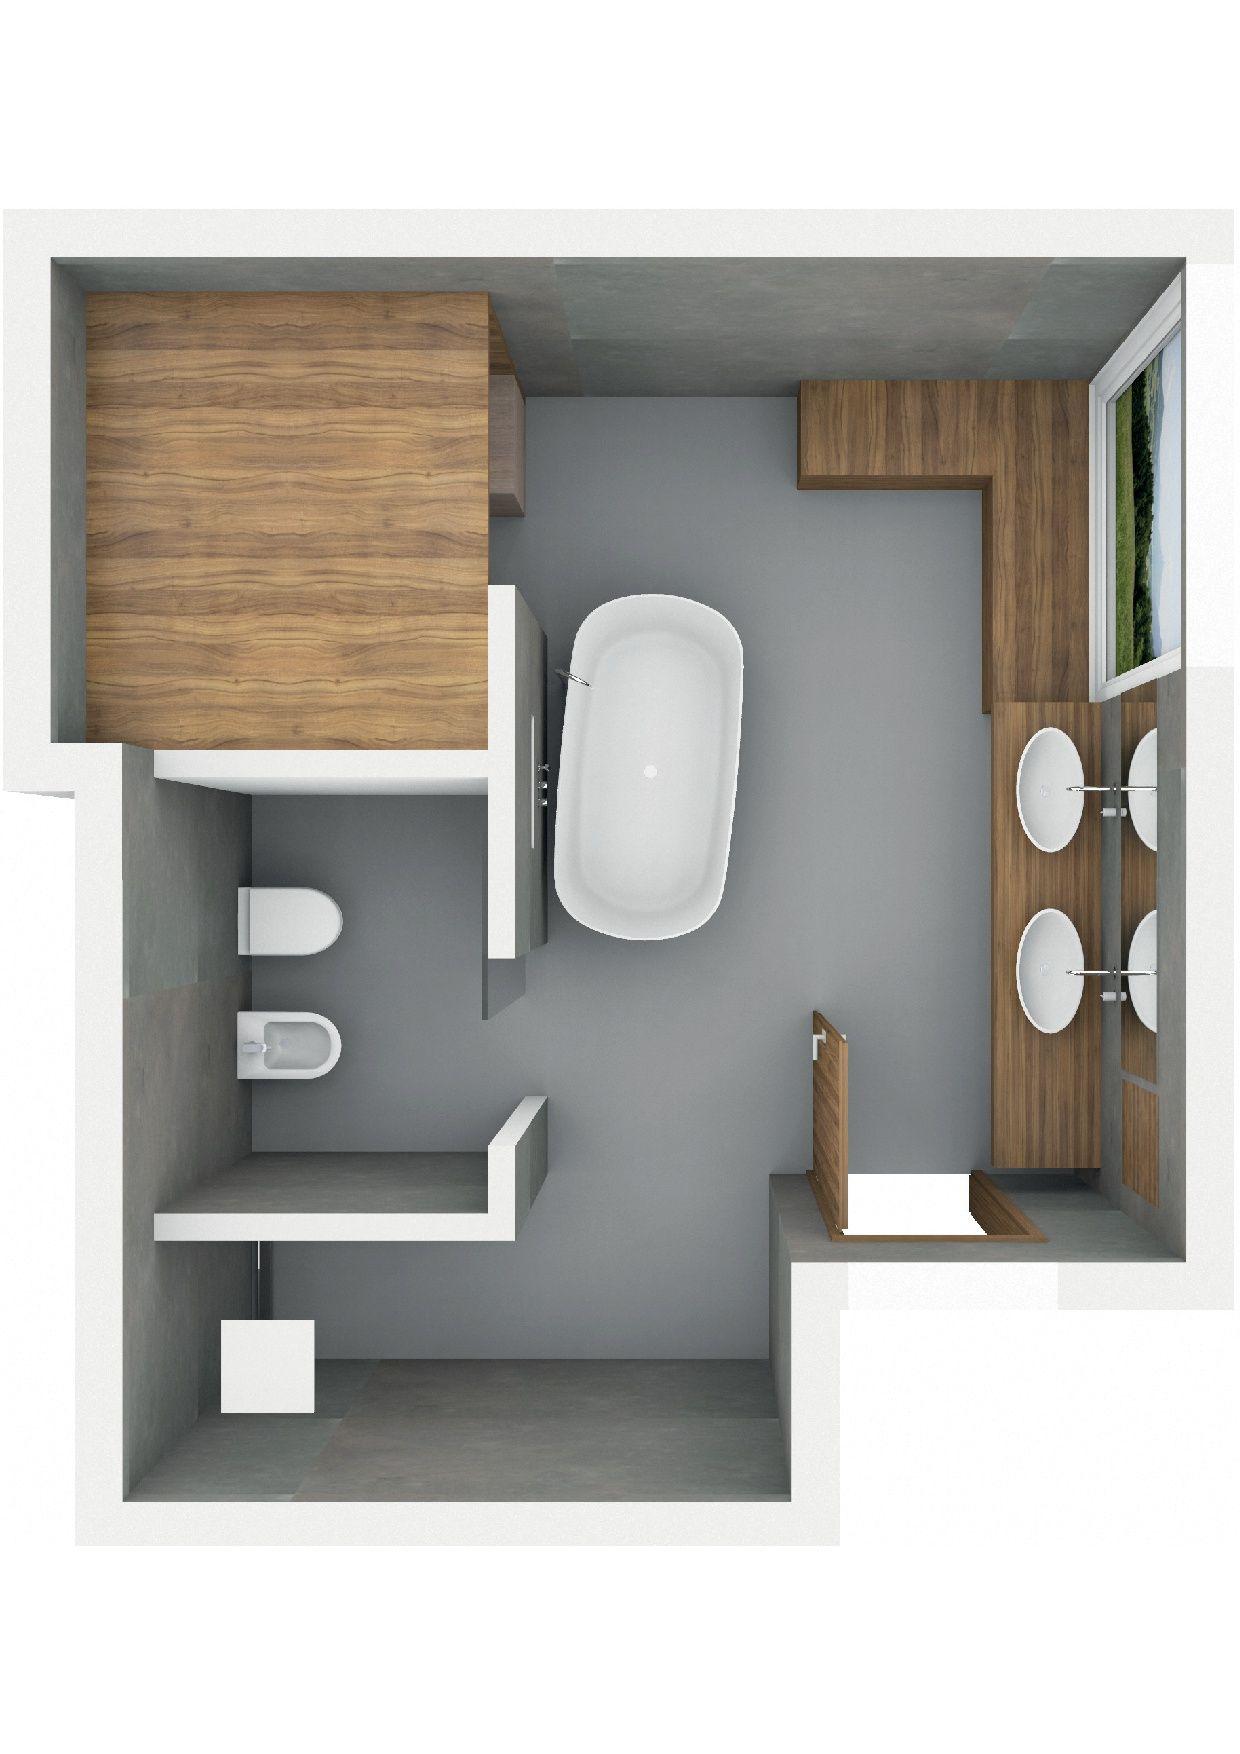 Badezimmer Mit Tlosung Und Freistehender Badewanne Badezimmer Mit Sauna Badezimmer Grundriss Haus Und Heim